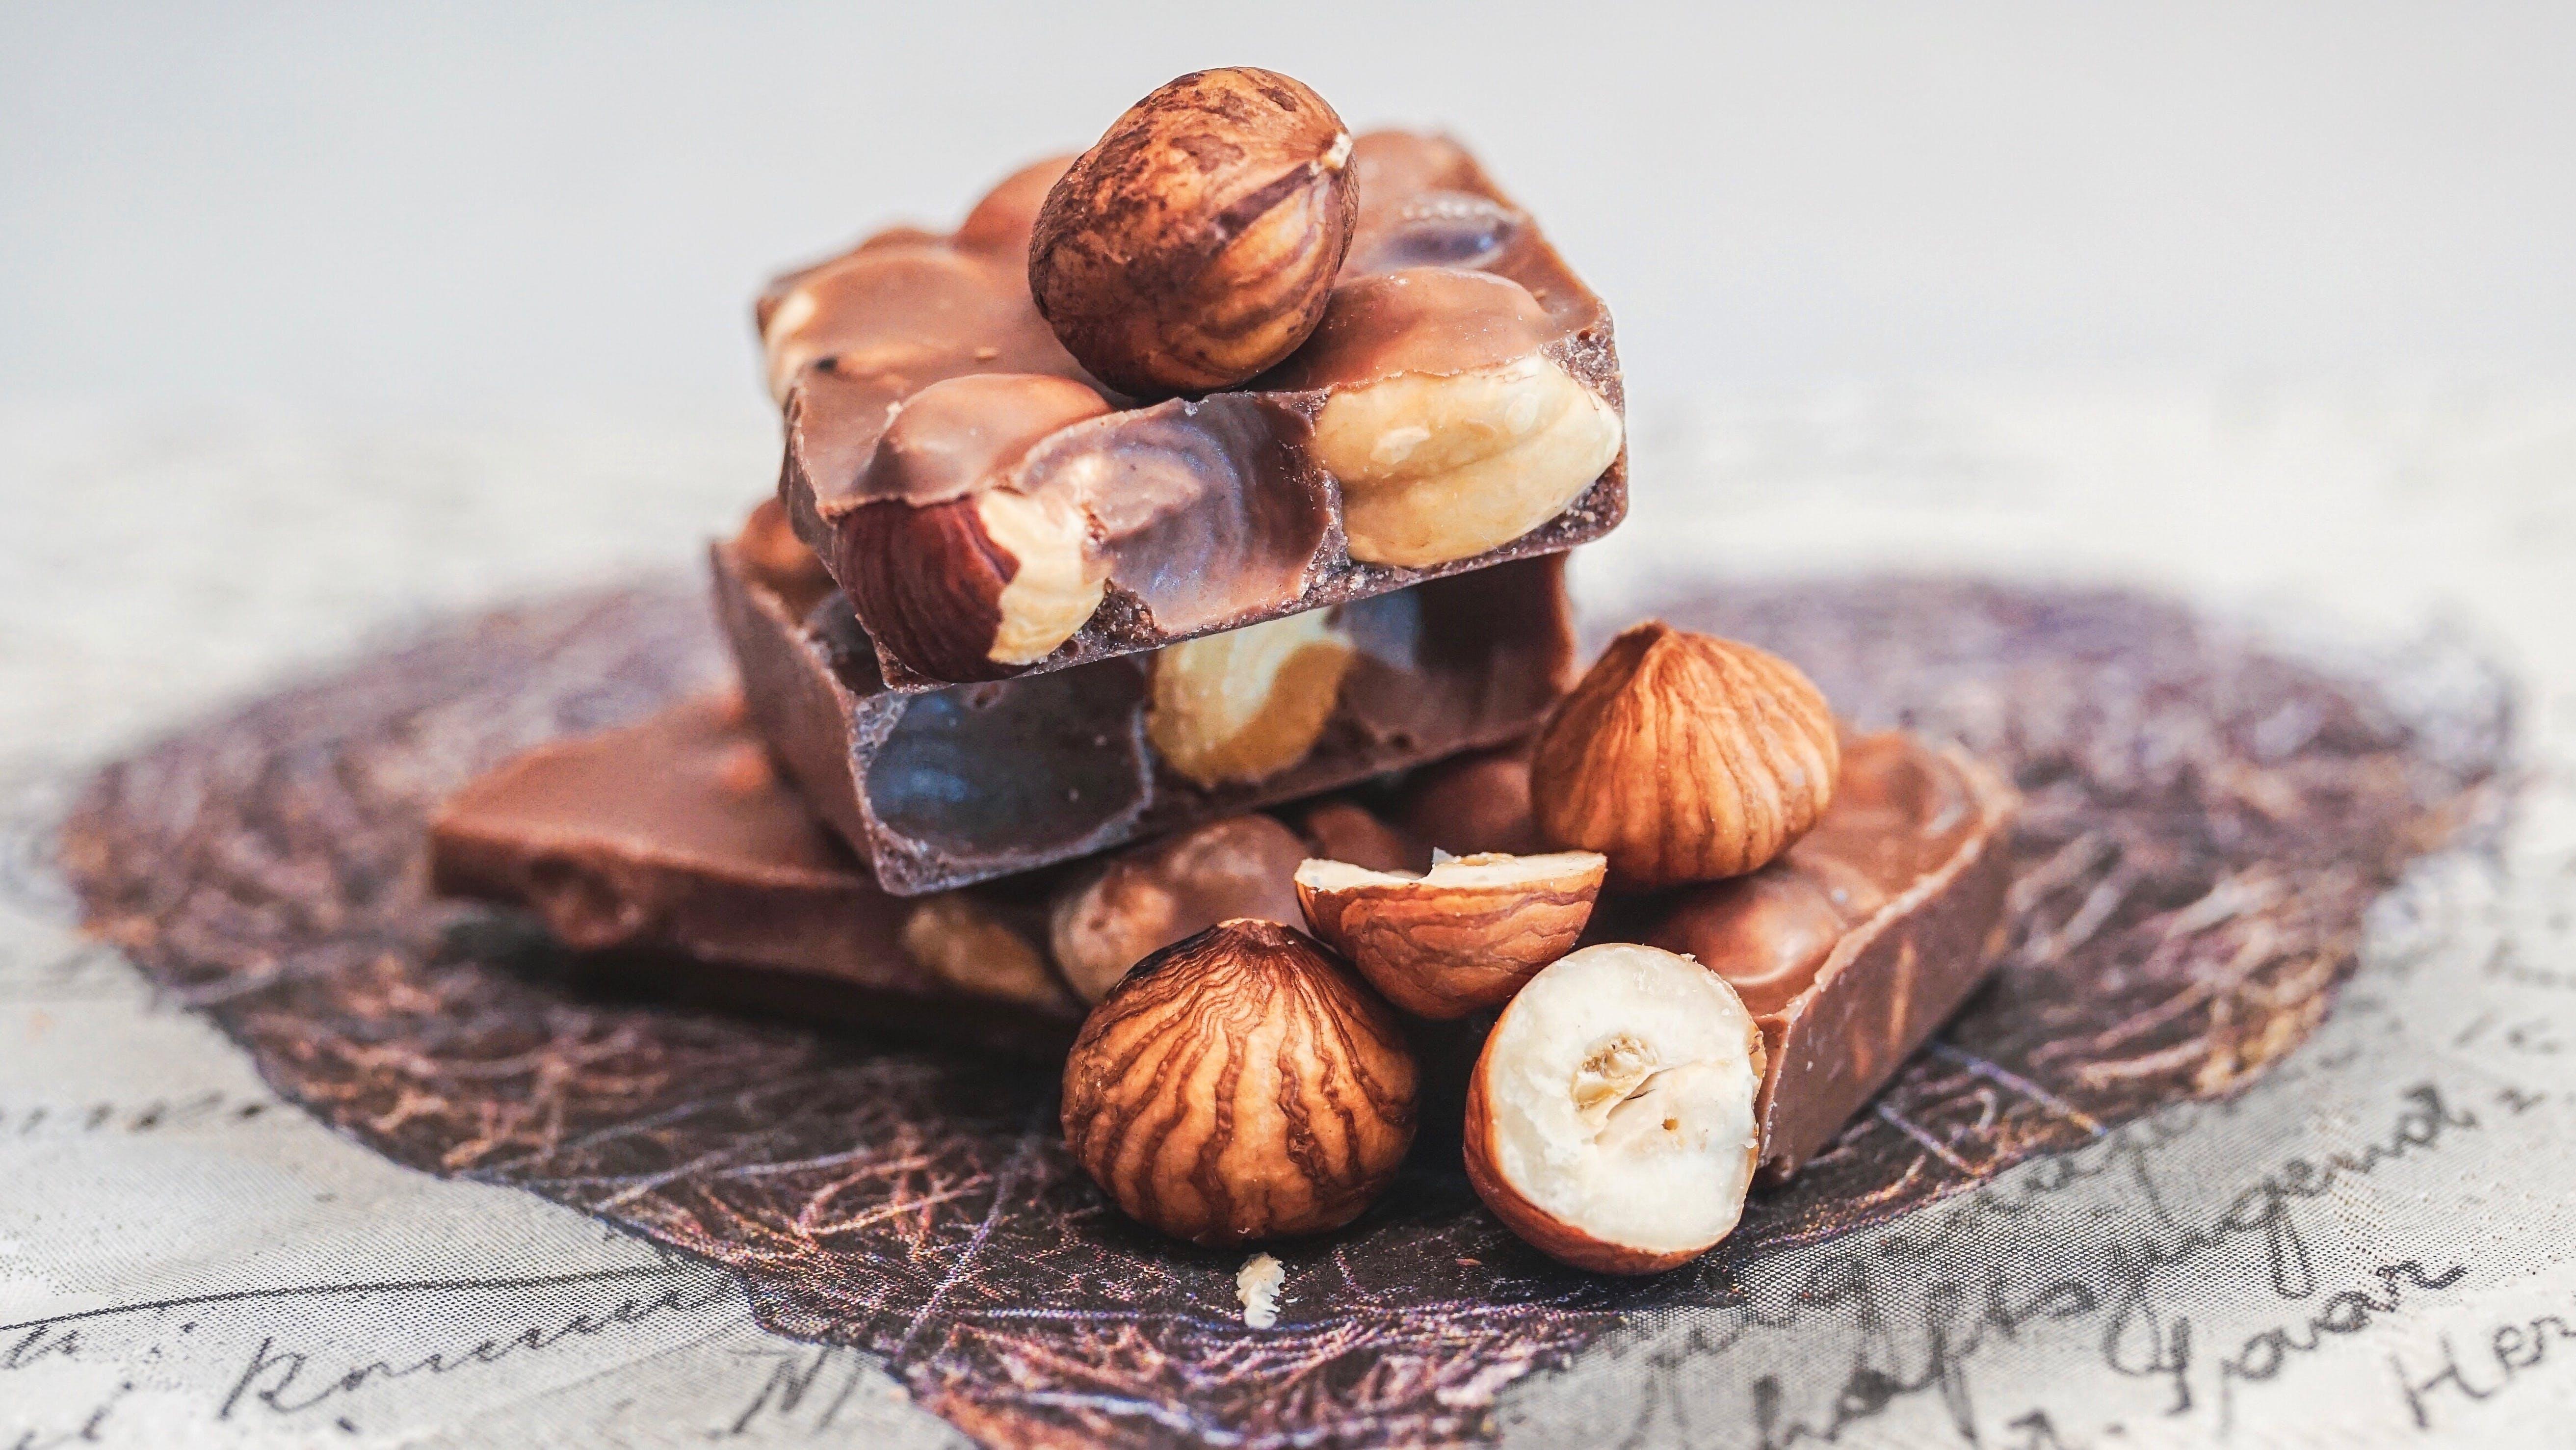 Gratis lagerfoto af bar, chokolade, chokoladebar, close-up